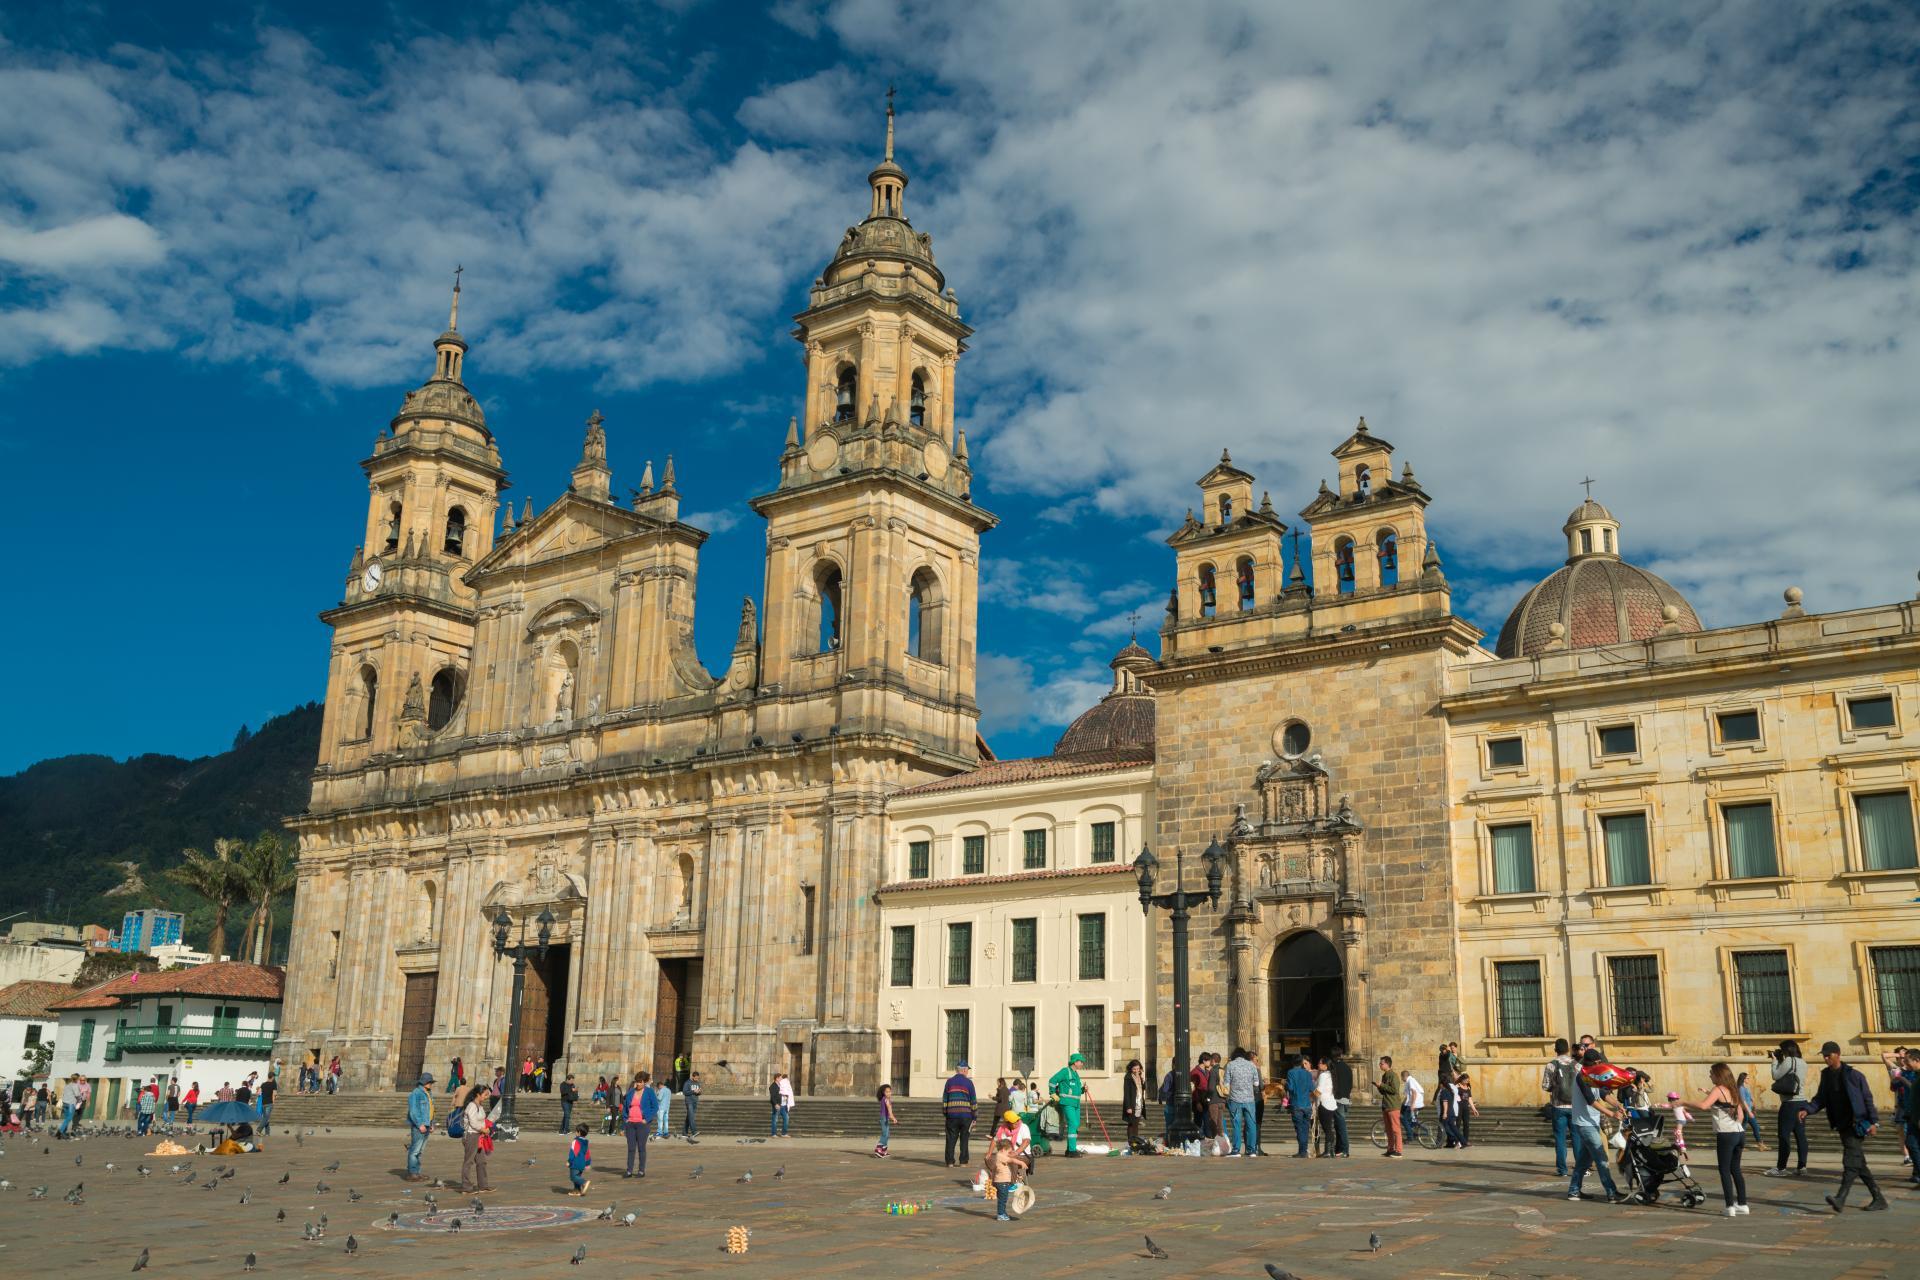 Die koloniale Hauptstadt Kolumbiens und vieles mehr auf einer Rundreise durch das Land erleben